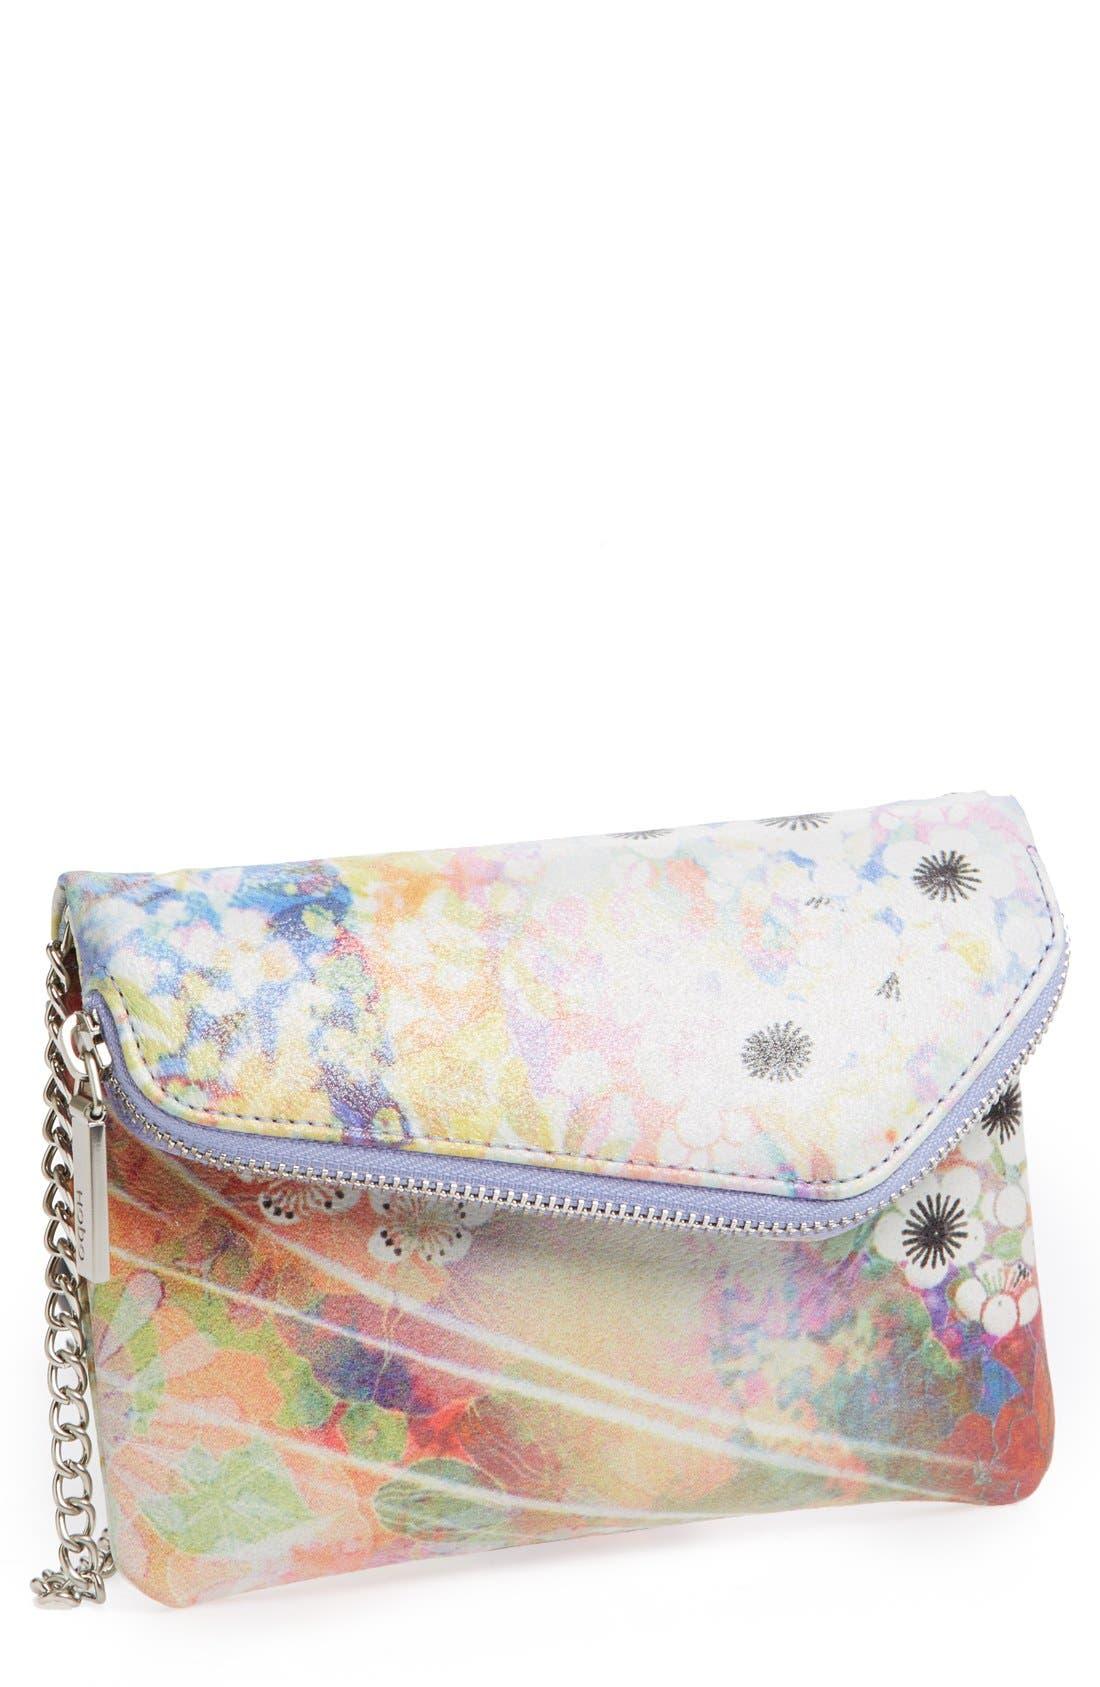 Main Image - Hobo 'Daria' Crossbody Bag